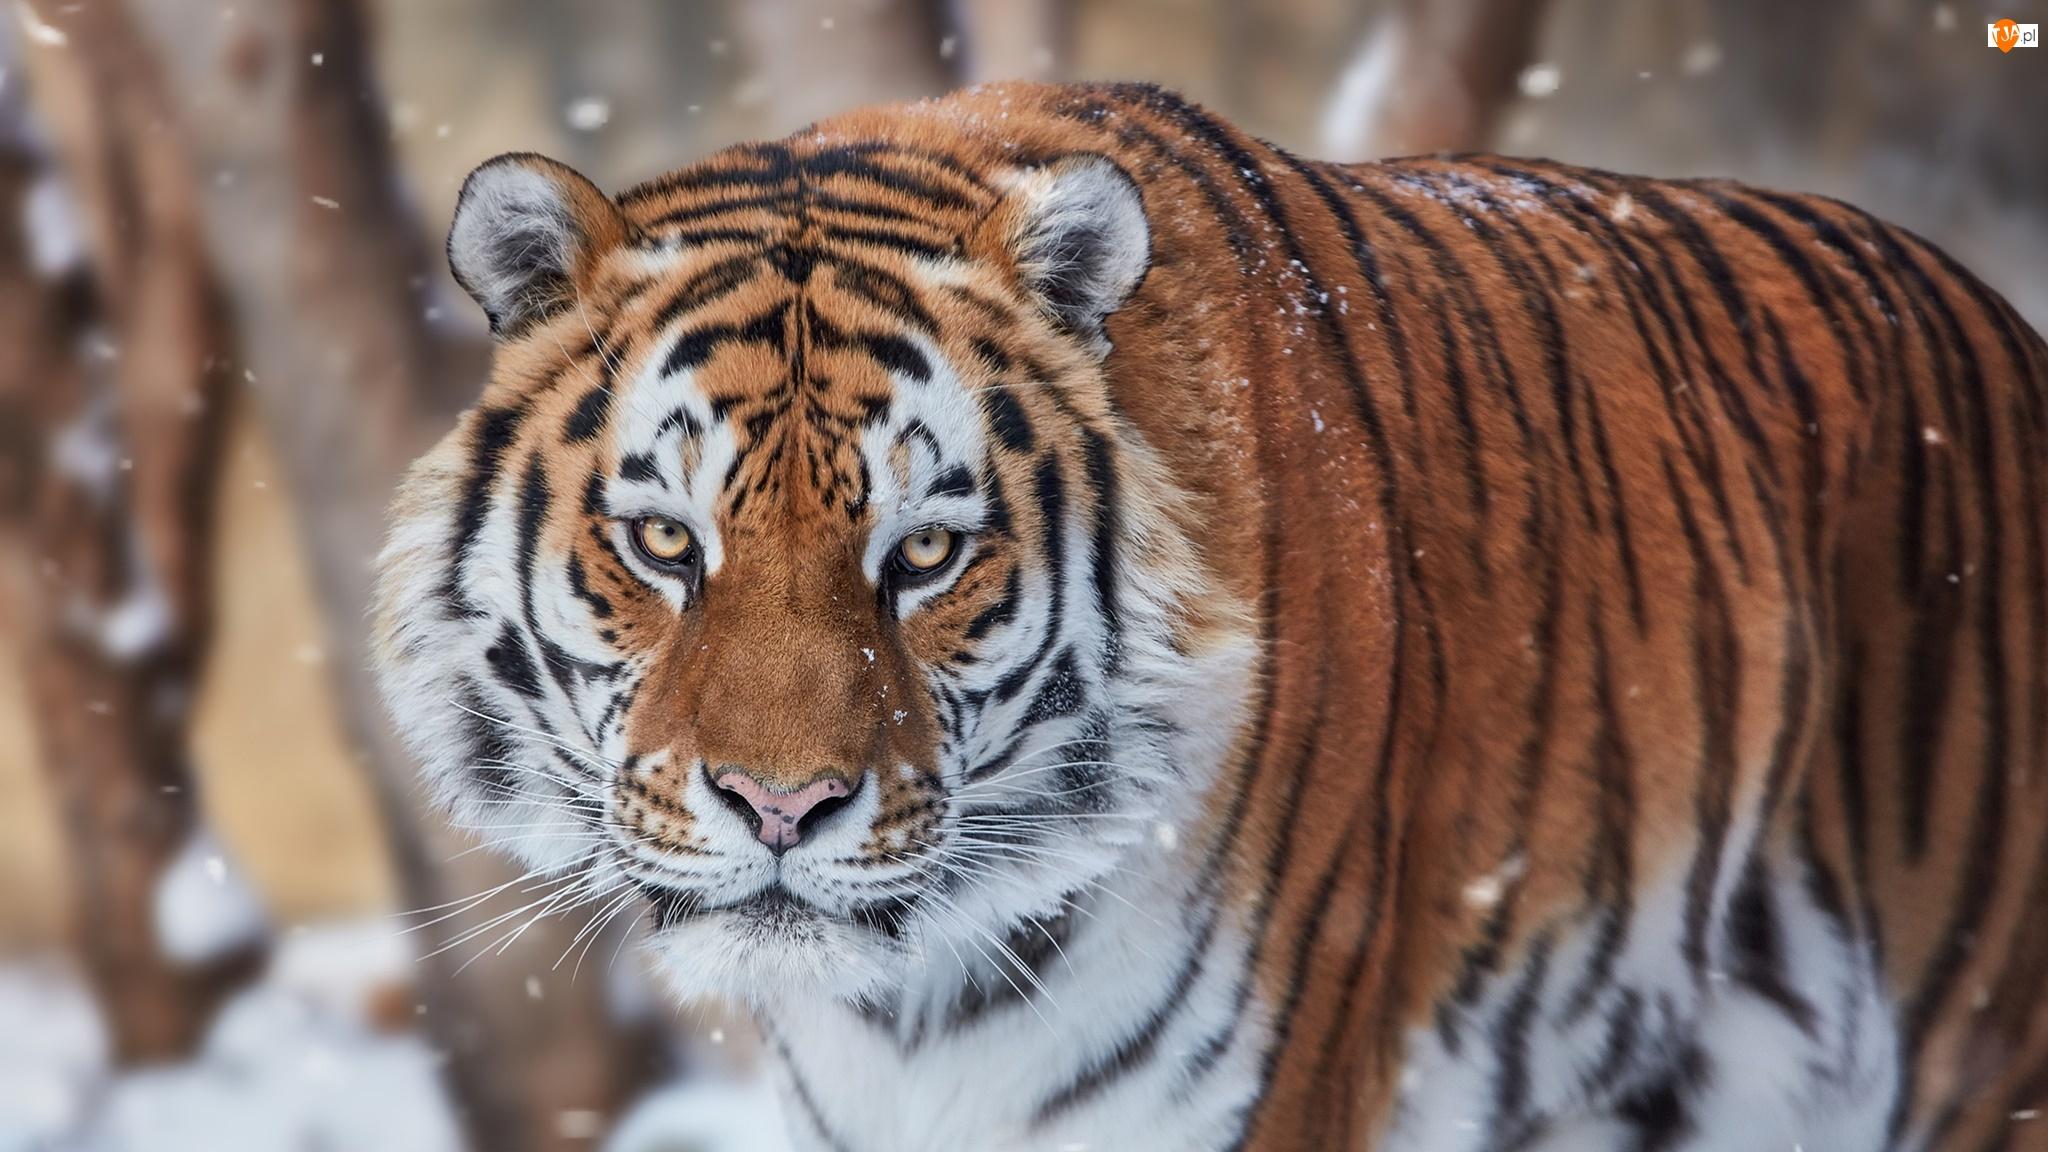 Śnieg, Tygrys, Padający